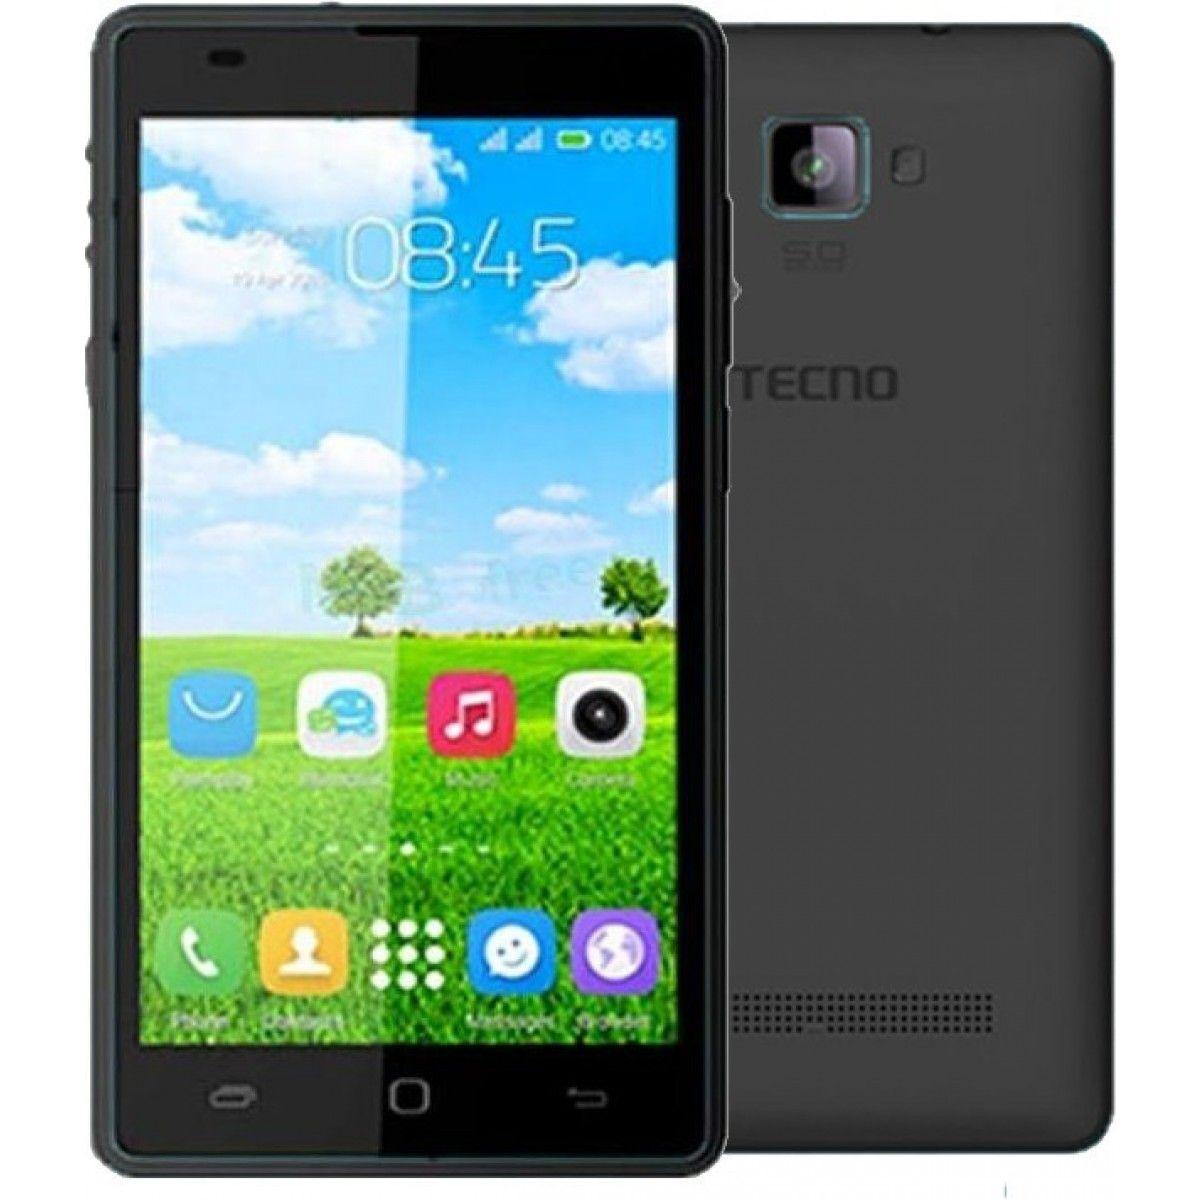 Nokia xl price nigeria - Tecno Y6 Android Price In Nigeria